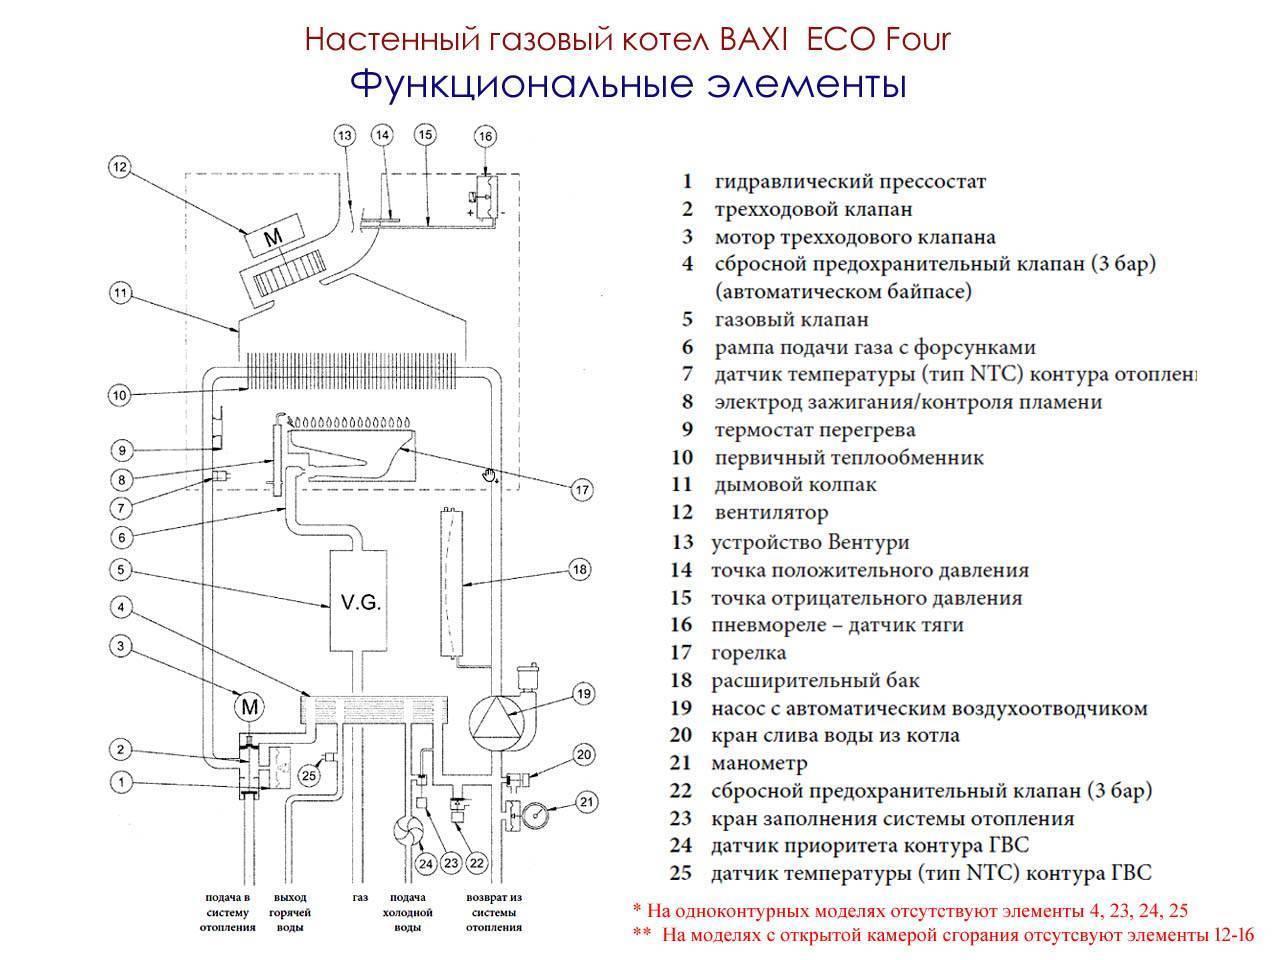 Отопительный настенный газовый котел buderus: устройство, виды (одноконтурные и двухконтурные), а также модели и отзывы